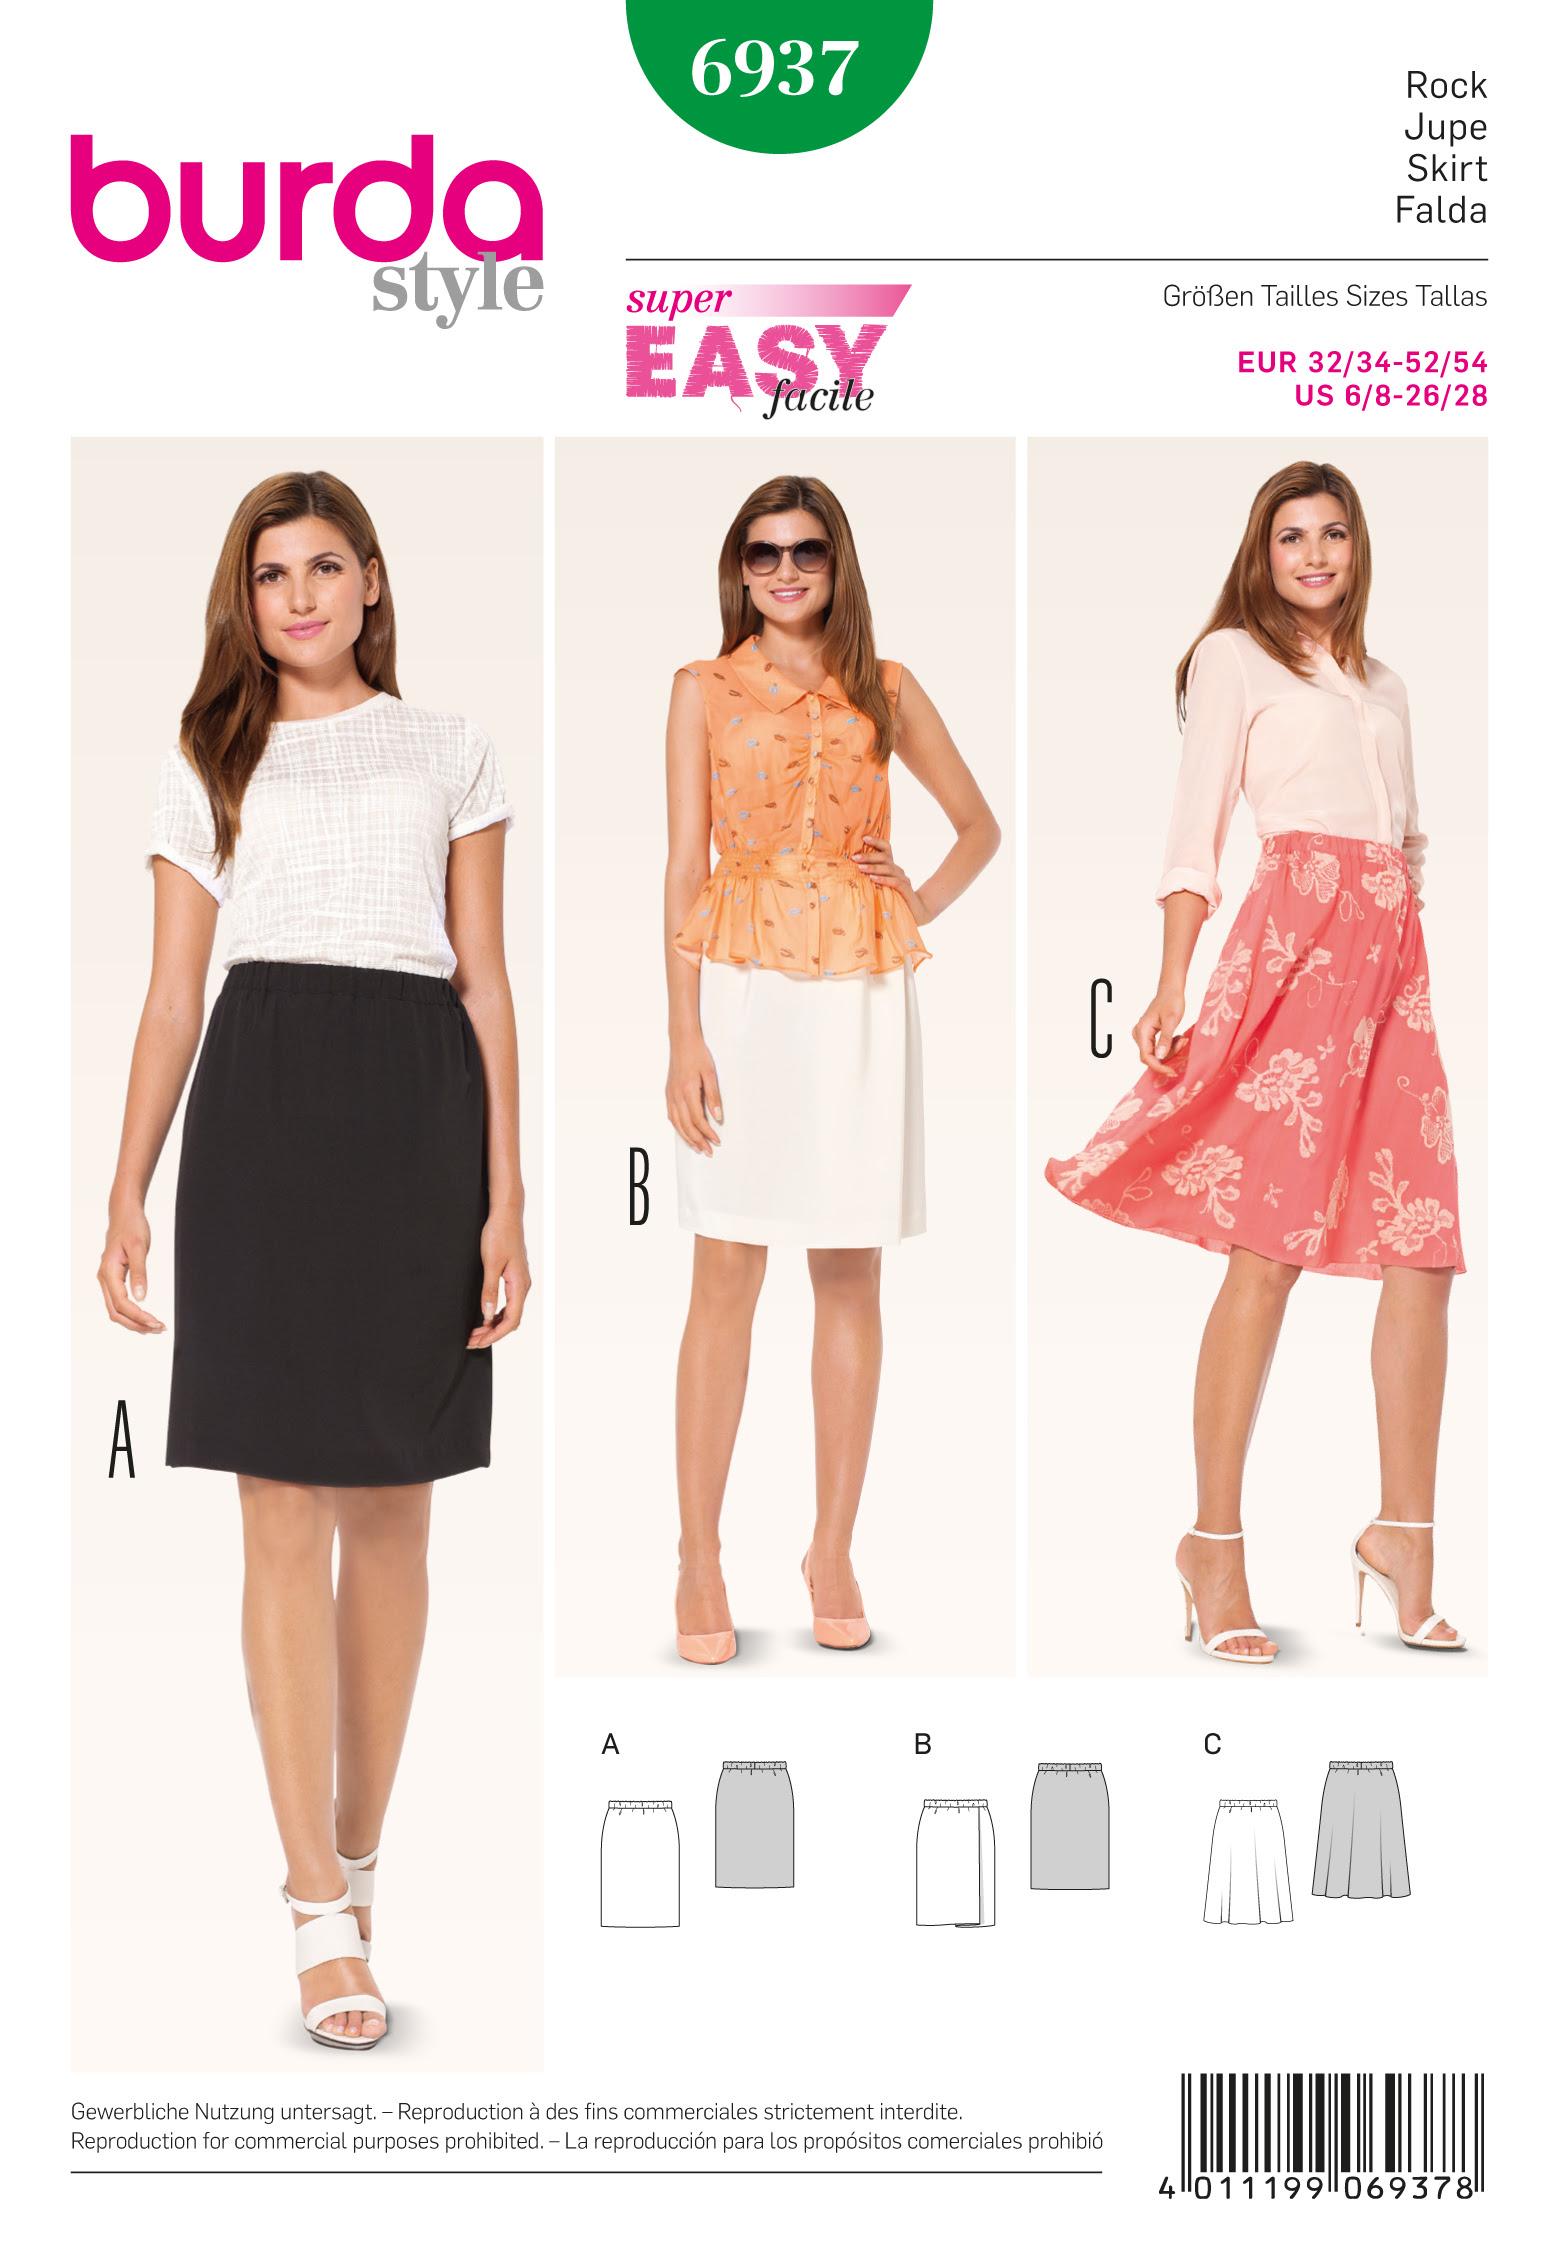 Burda Skirts 6937